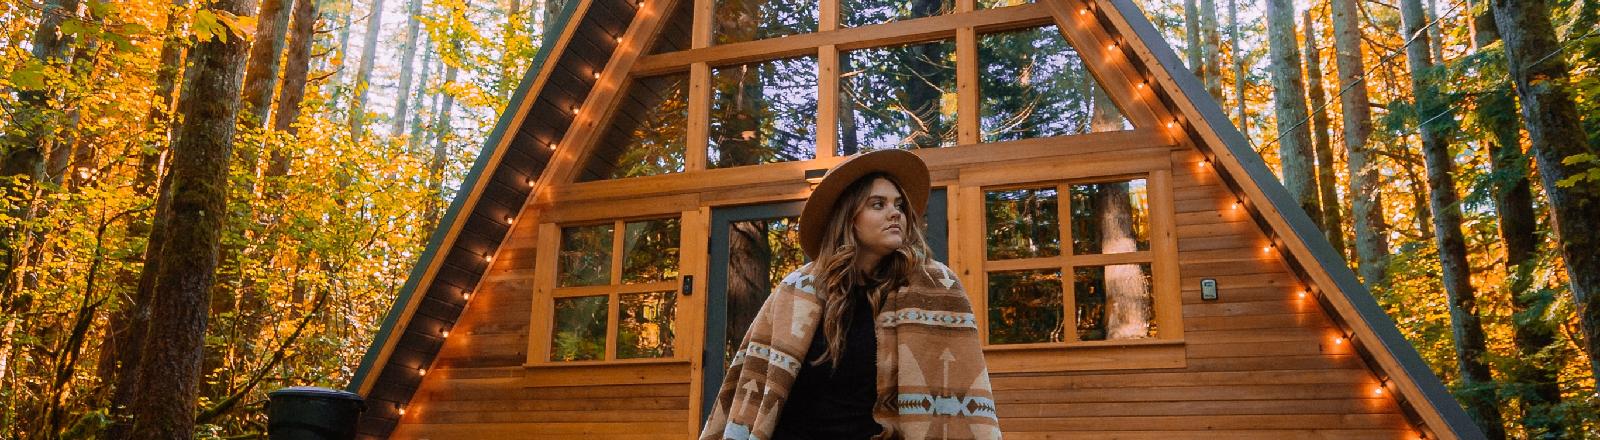 Eine Frau sitzt vor einem Holzhaus in Wald.